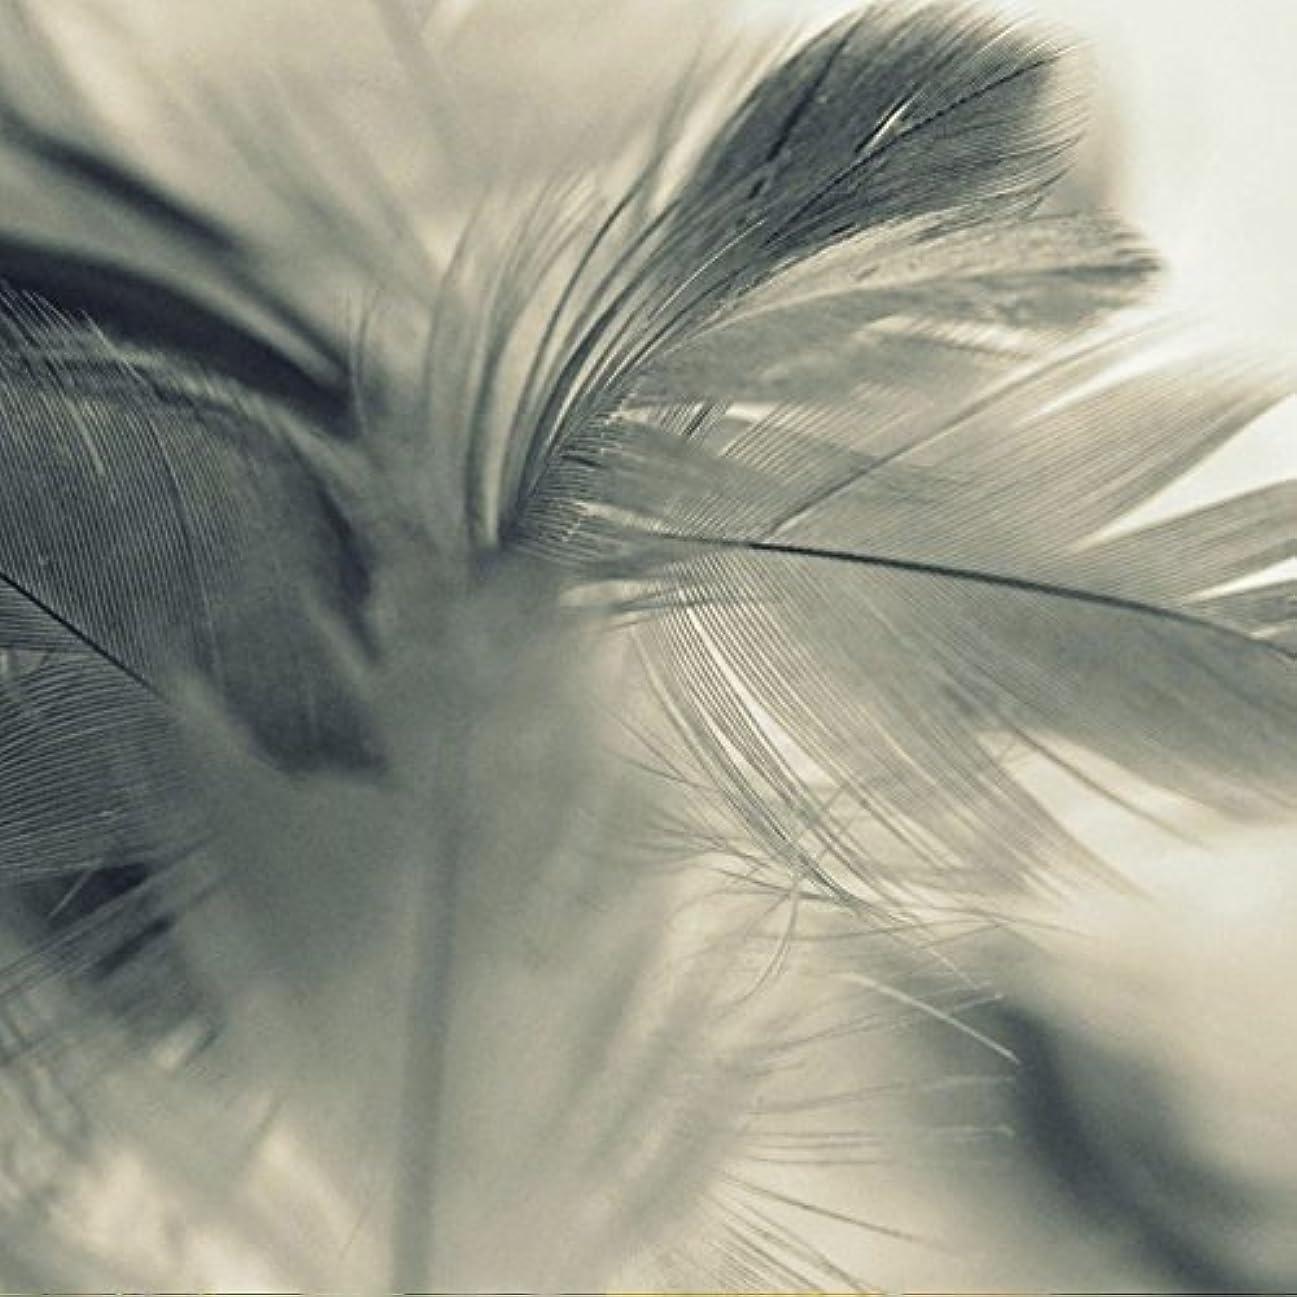 ルアーニックネームインスタンスアロマフレグランスオイル エンジェルウィングス(Angel Wings)